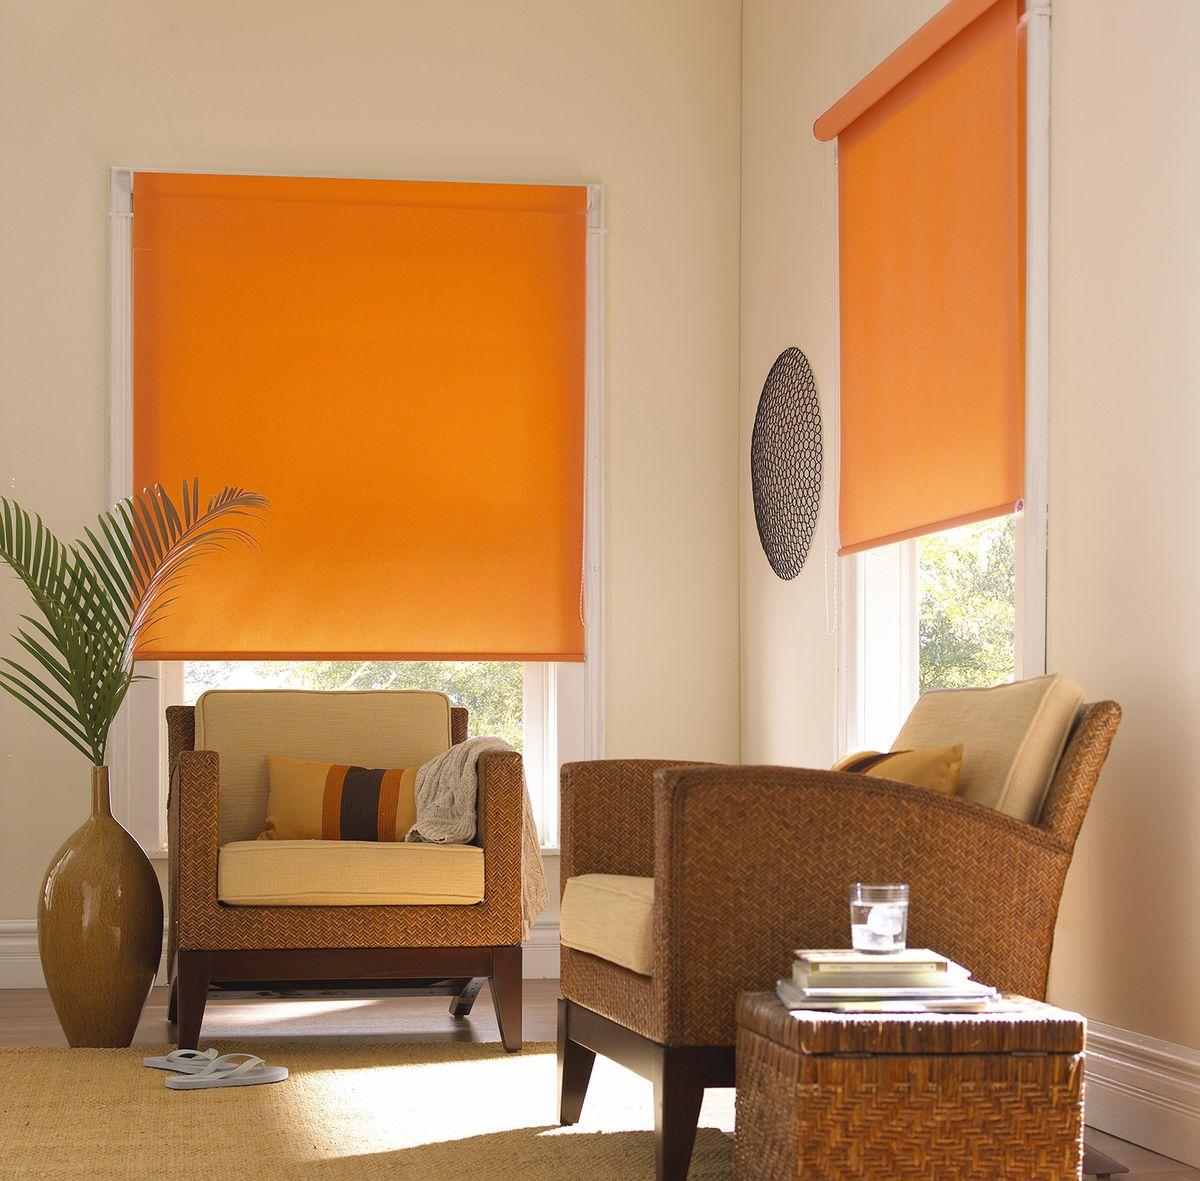 Штора рулонная Эскар Миниролло. Однотонные, цвет: апельсин, ширина 98 см, высота 170 см43237Рулонная штора Эскар Миниролло выполнена из высокопрочной ткани,которая сохраняет свой размер даже при намокании. Ткань не выцветает иобладает отличной цветоустойчивостью.Миниролло - это подвид рулонных штор, который закрывает не весь оконныйпроем, а непосредственно само стекло. Такие шторы крепятся на раму безсверления при помощи зажимов или клейкой двухсторонней ленты (в комплекте).Окно остаетсяна гарантии, благодаря монтажу без сверления.Такая штора станет прекрасным элементом декора окна и гармонично впишется винтерьер любого помещения.